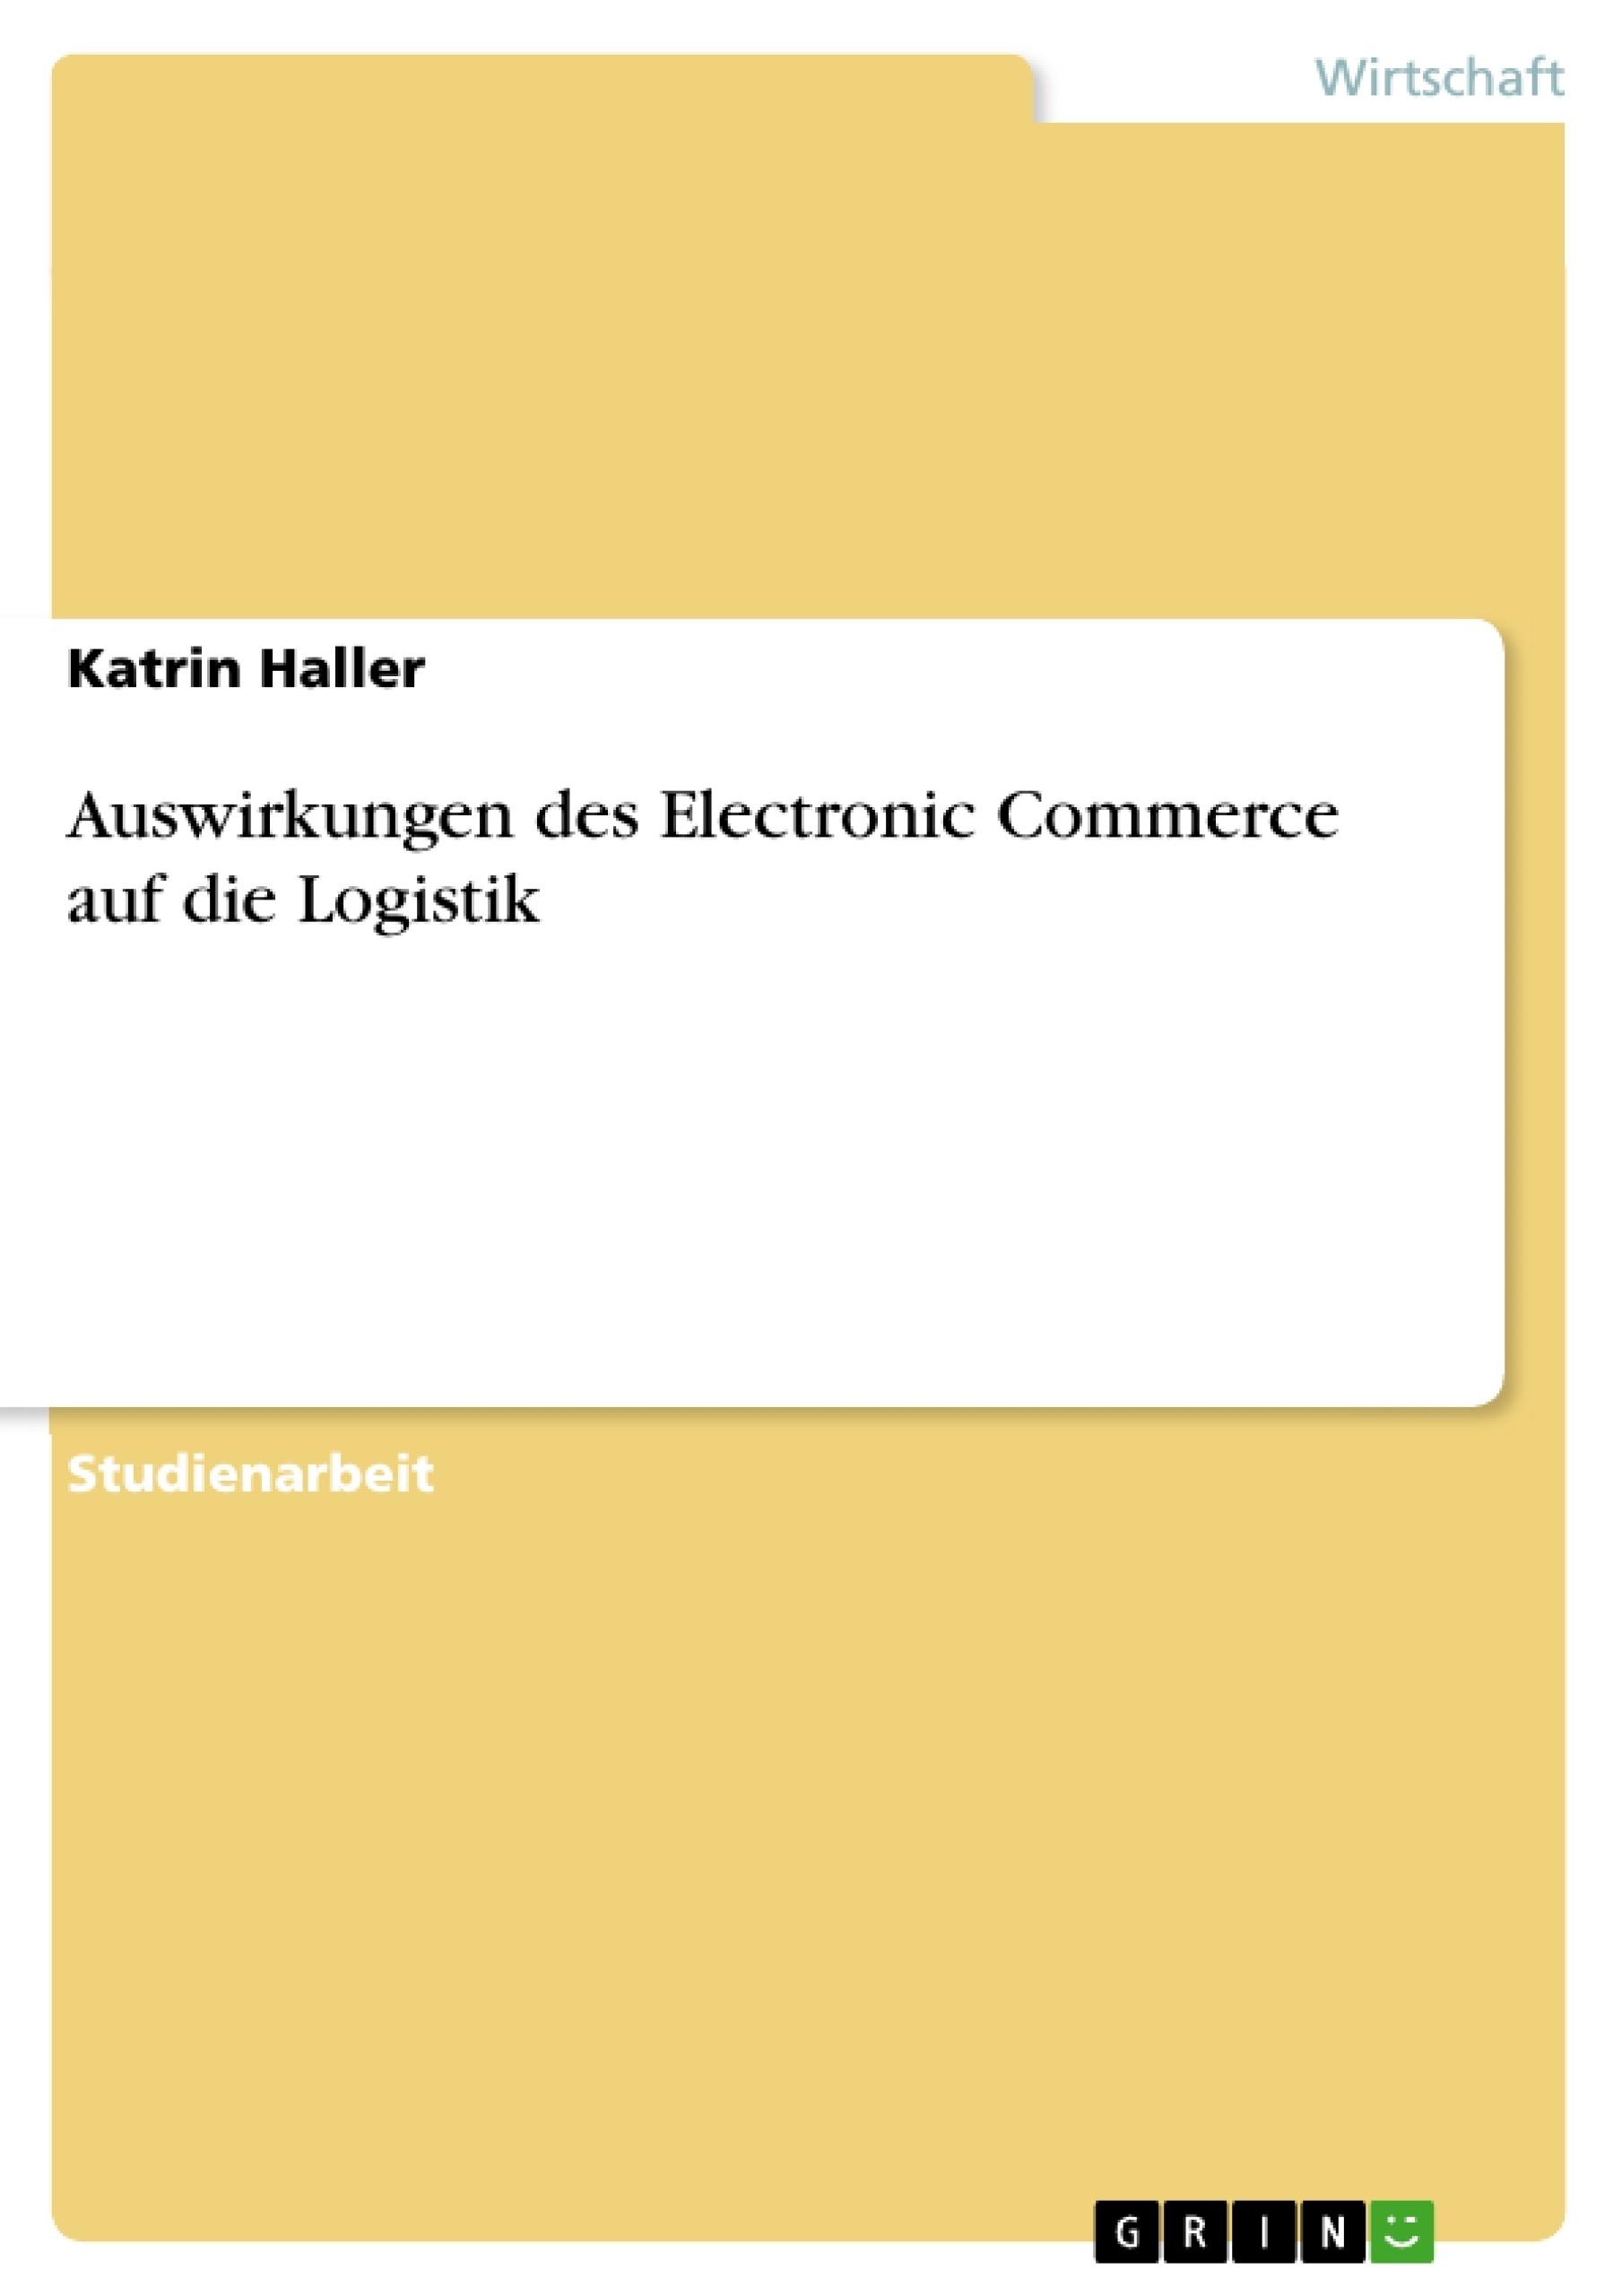 Titel: Auswirkungen des Electronic Commerce auf die Logistik